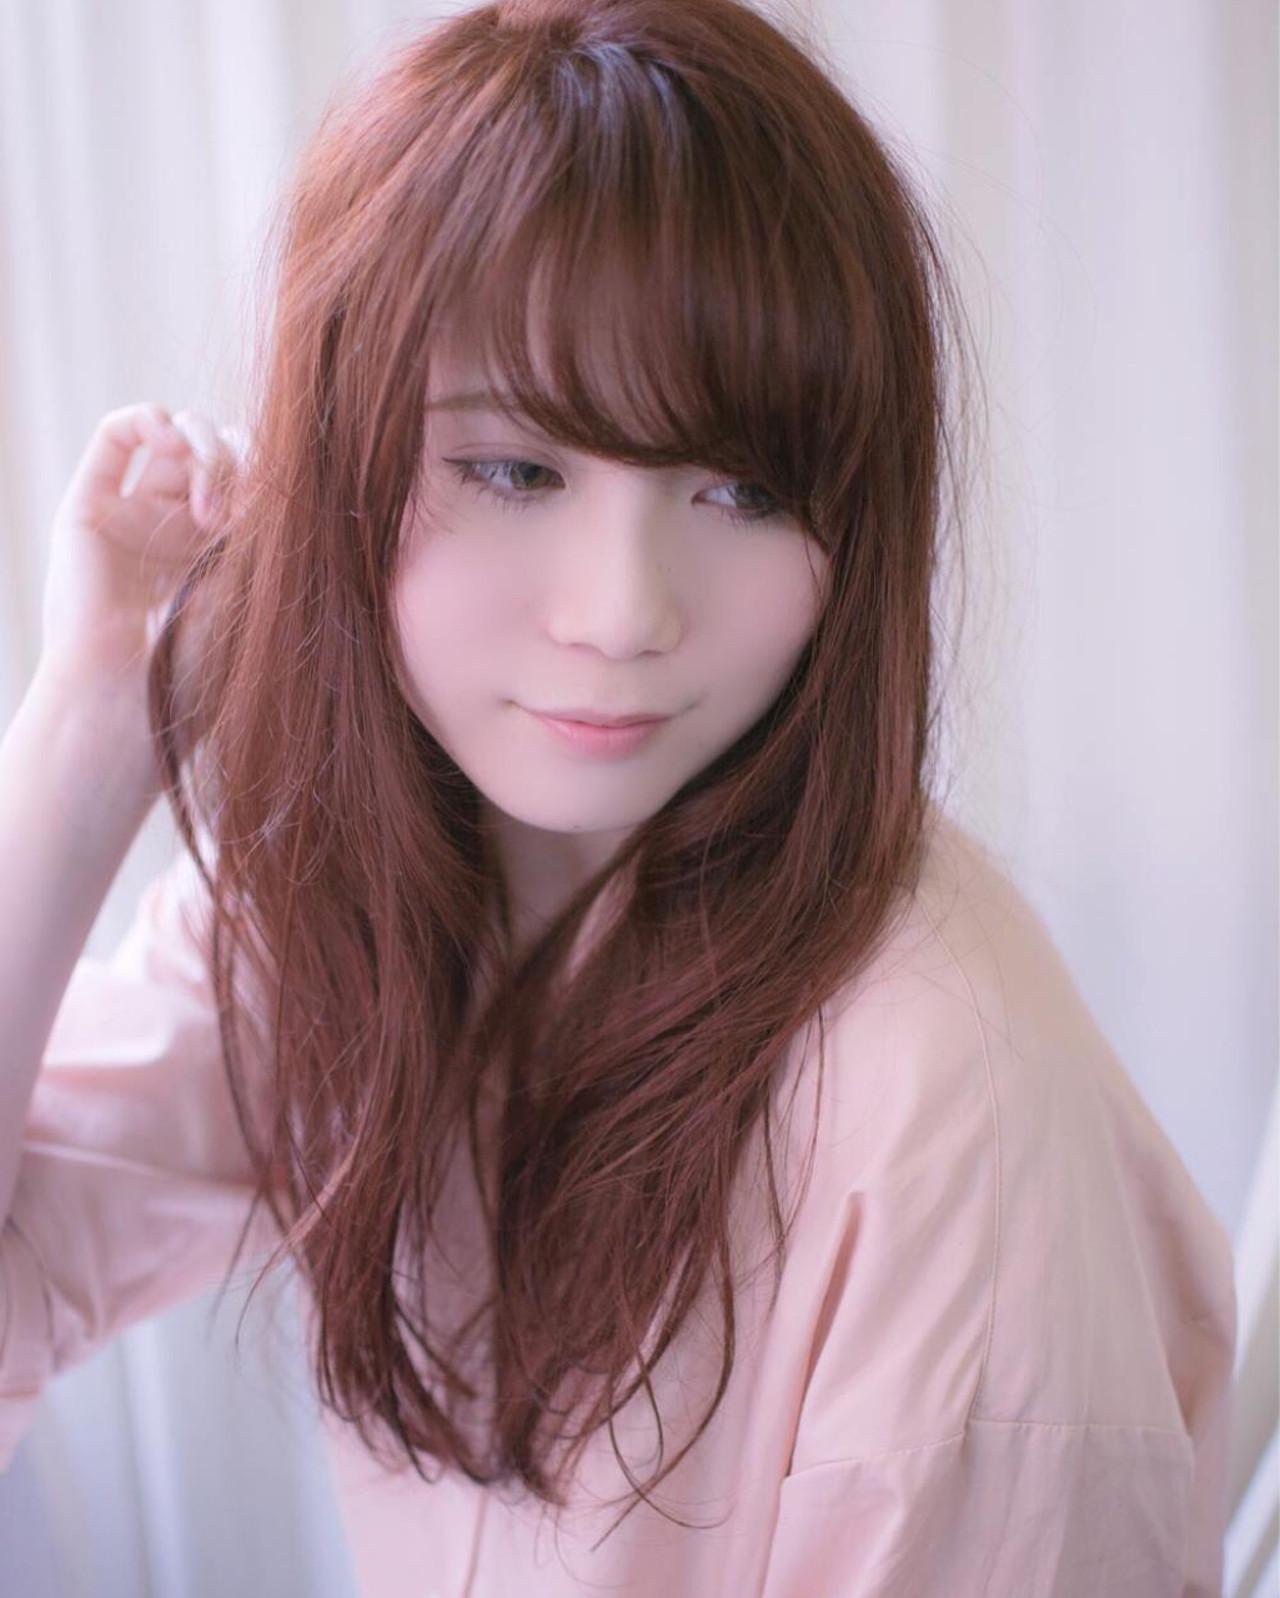 セミロング グラデーションカラー ベージュ ピンク ヘアスタイルや髪型の写真・画像 | 田渕 英和/vicushair / vicushair